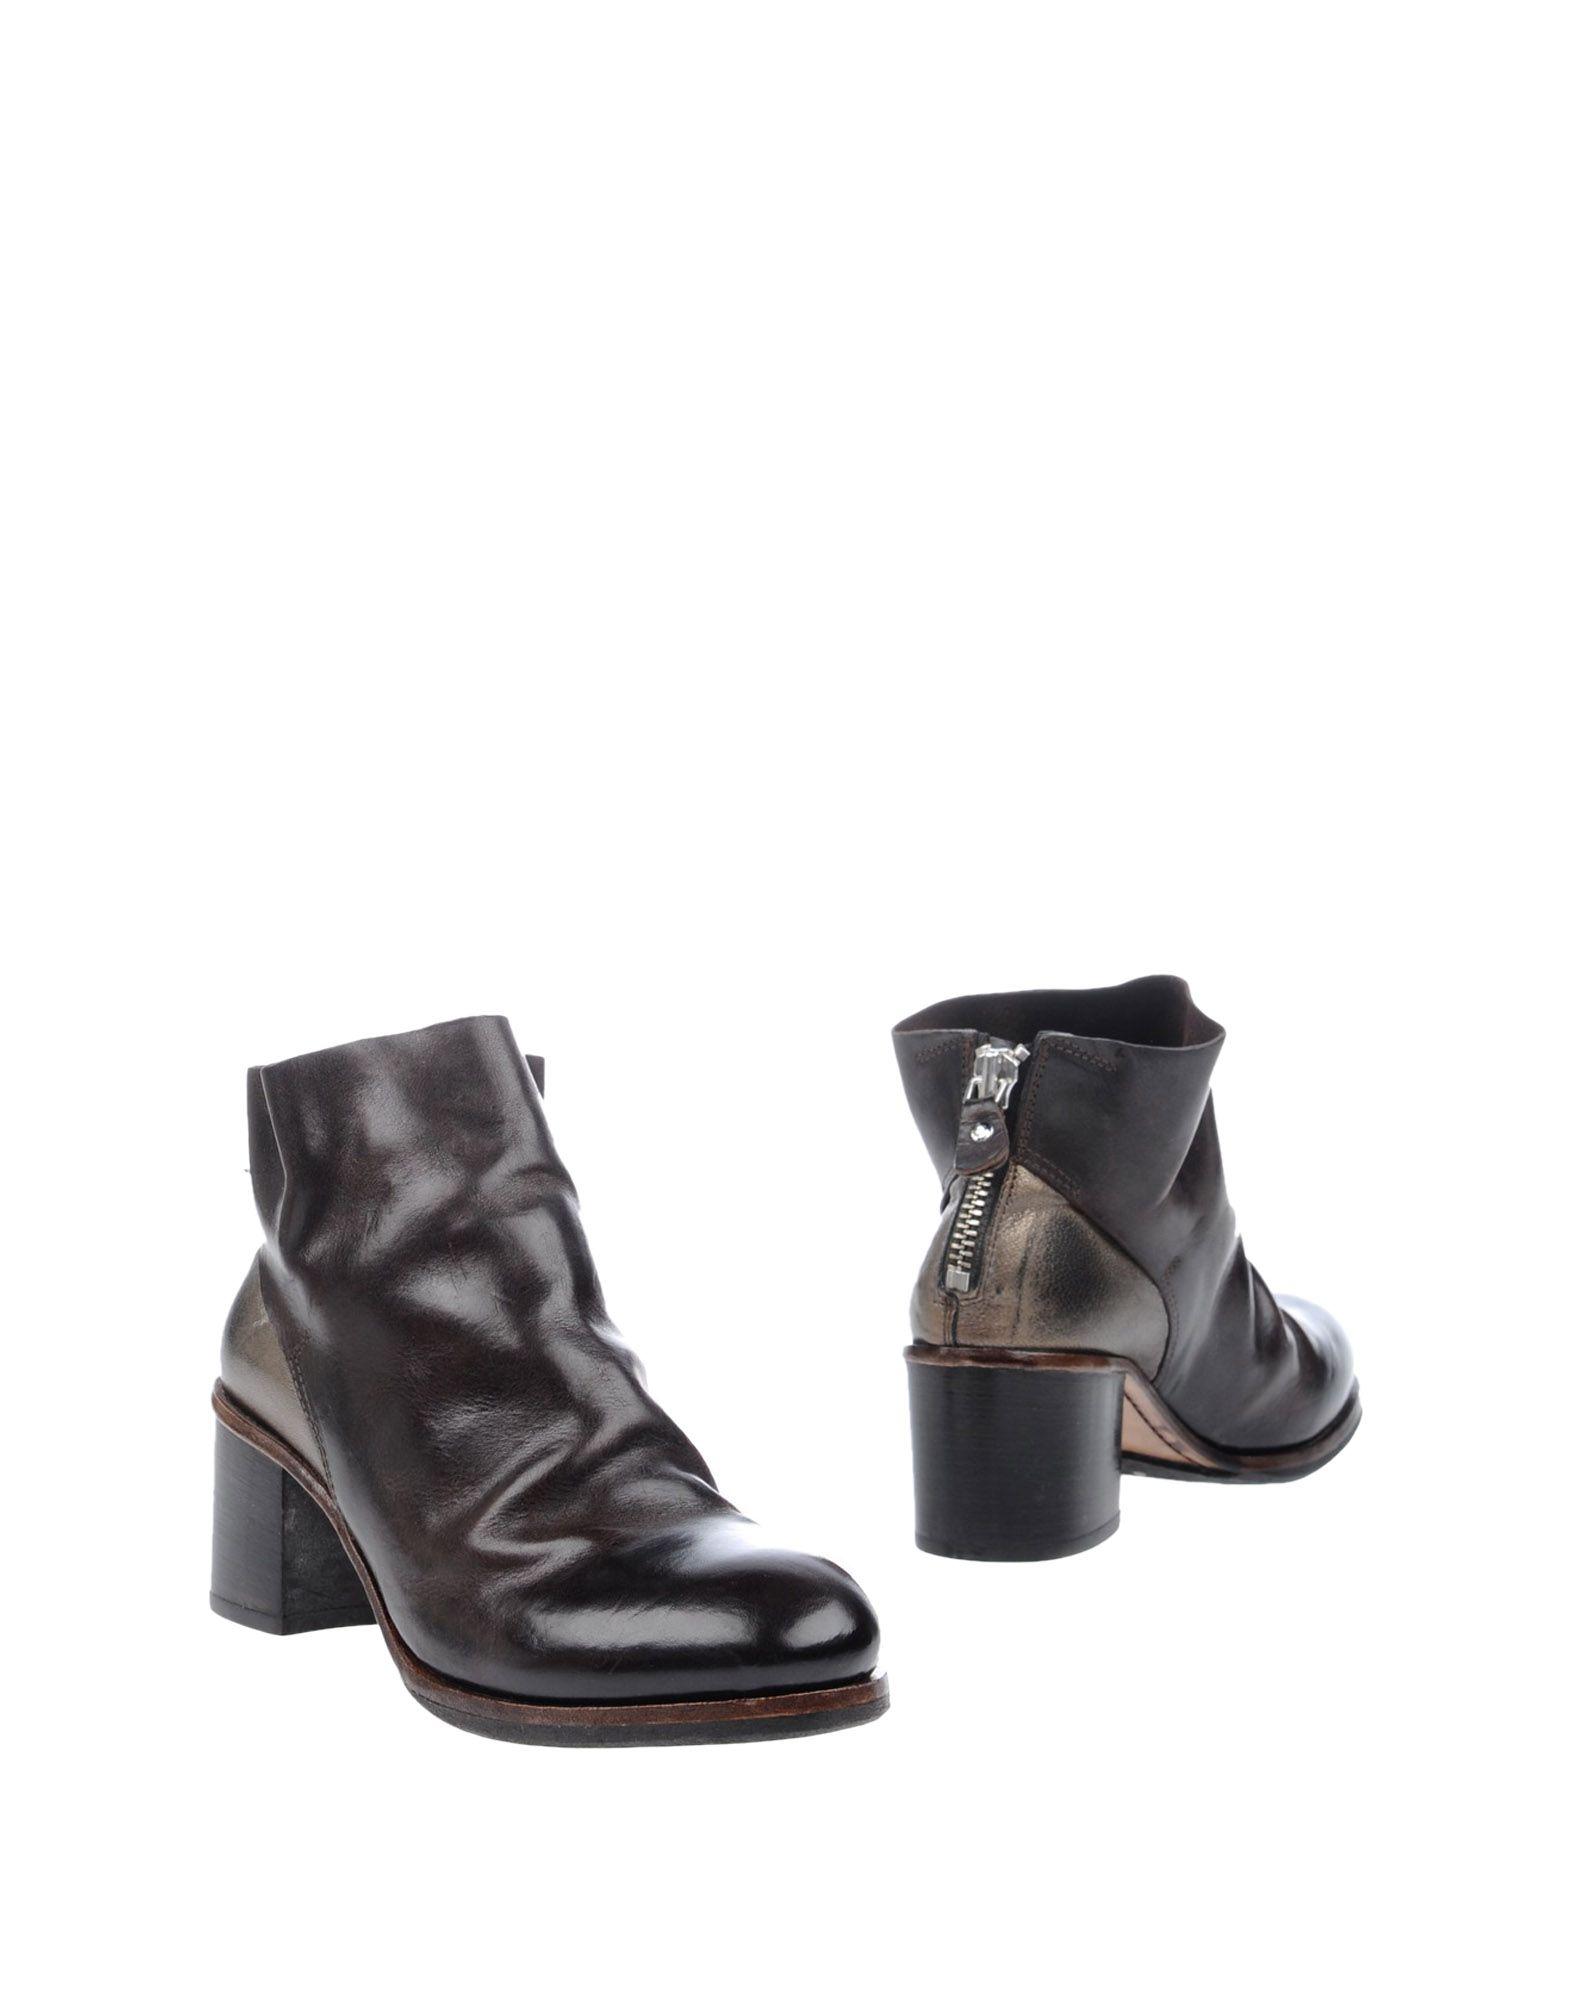 Moma Stiefelette Damen  11276800FHGut aussehende strapazierfähige Schuhe